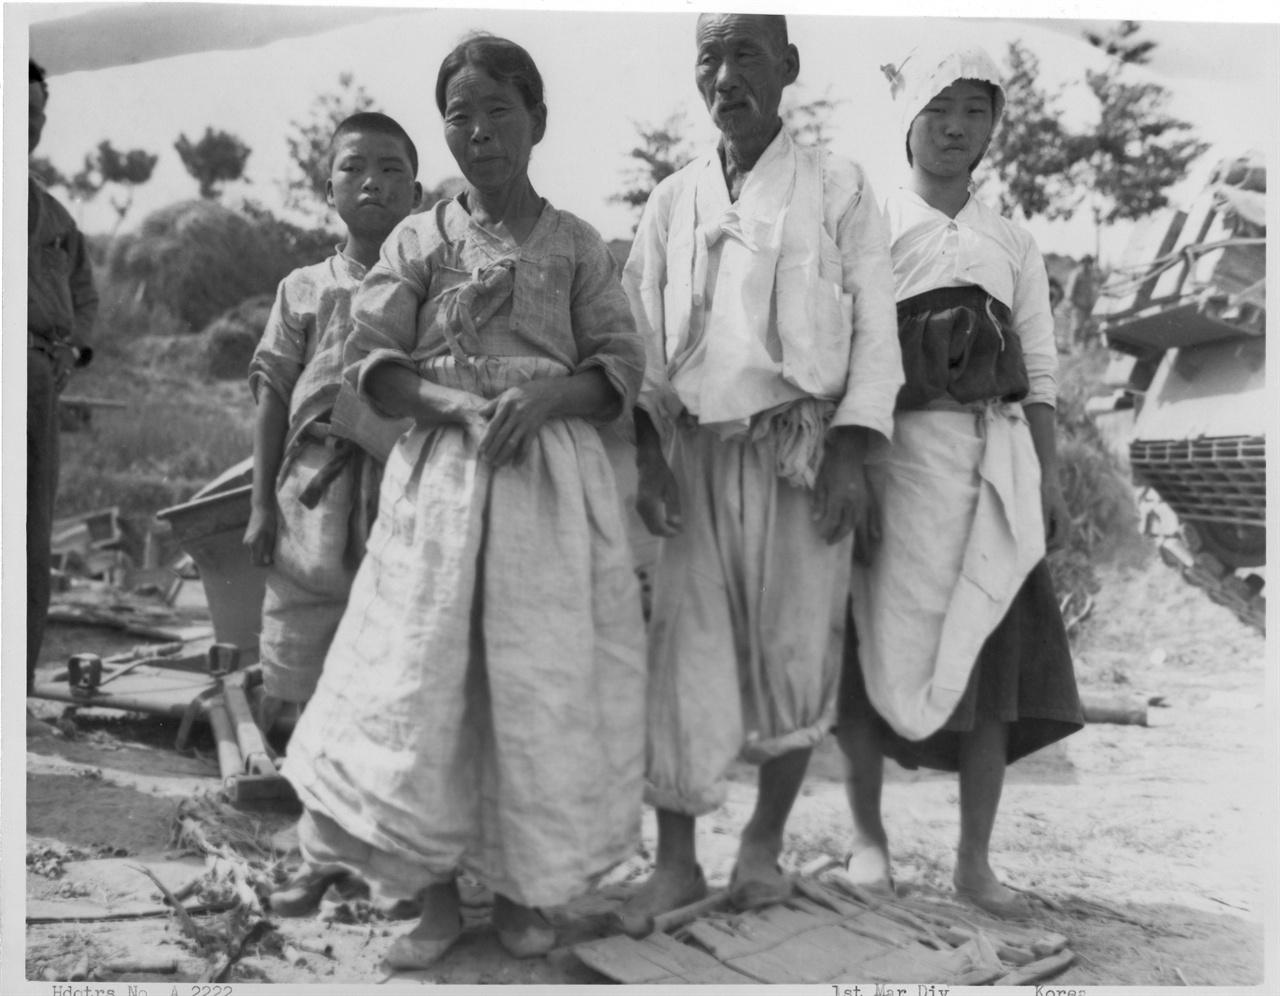 4. 인민군에게 부역한 혐의로 붙잡힌 촌민들(1950. 9. 3.).